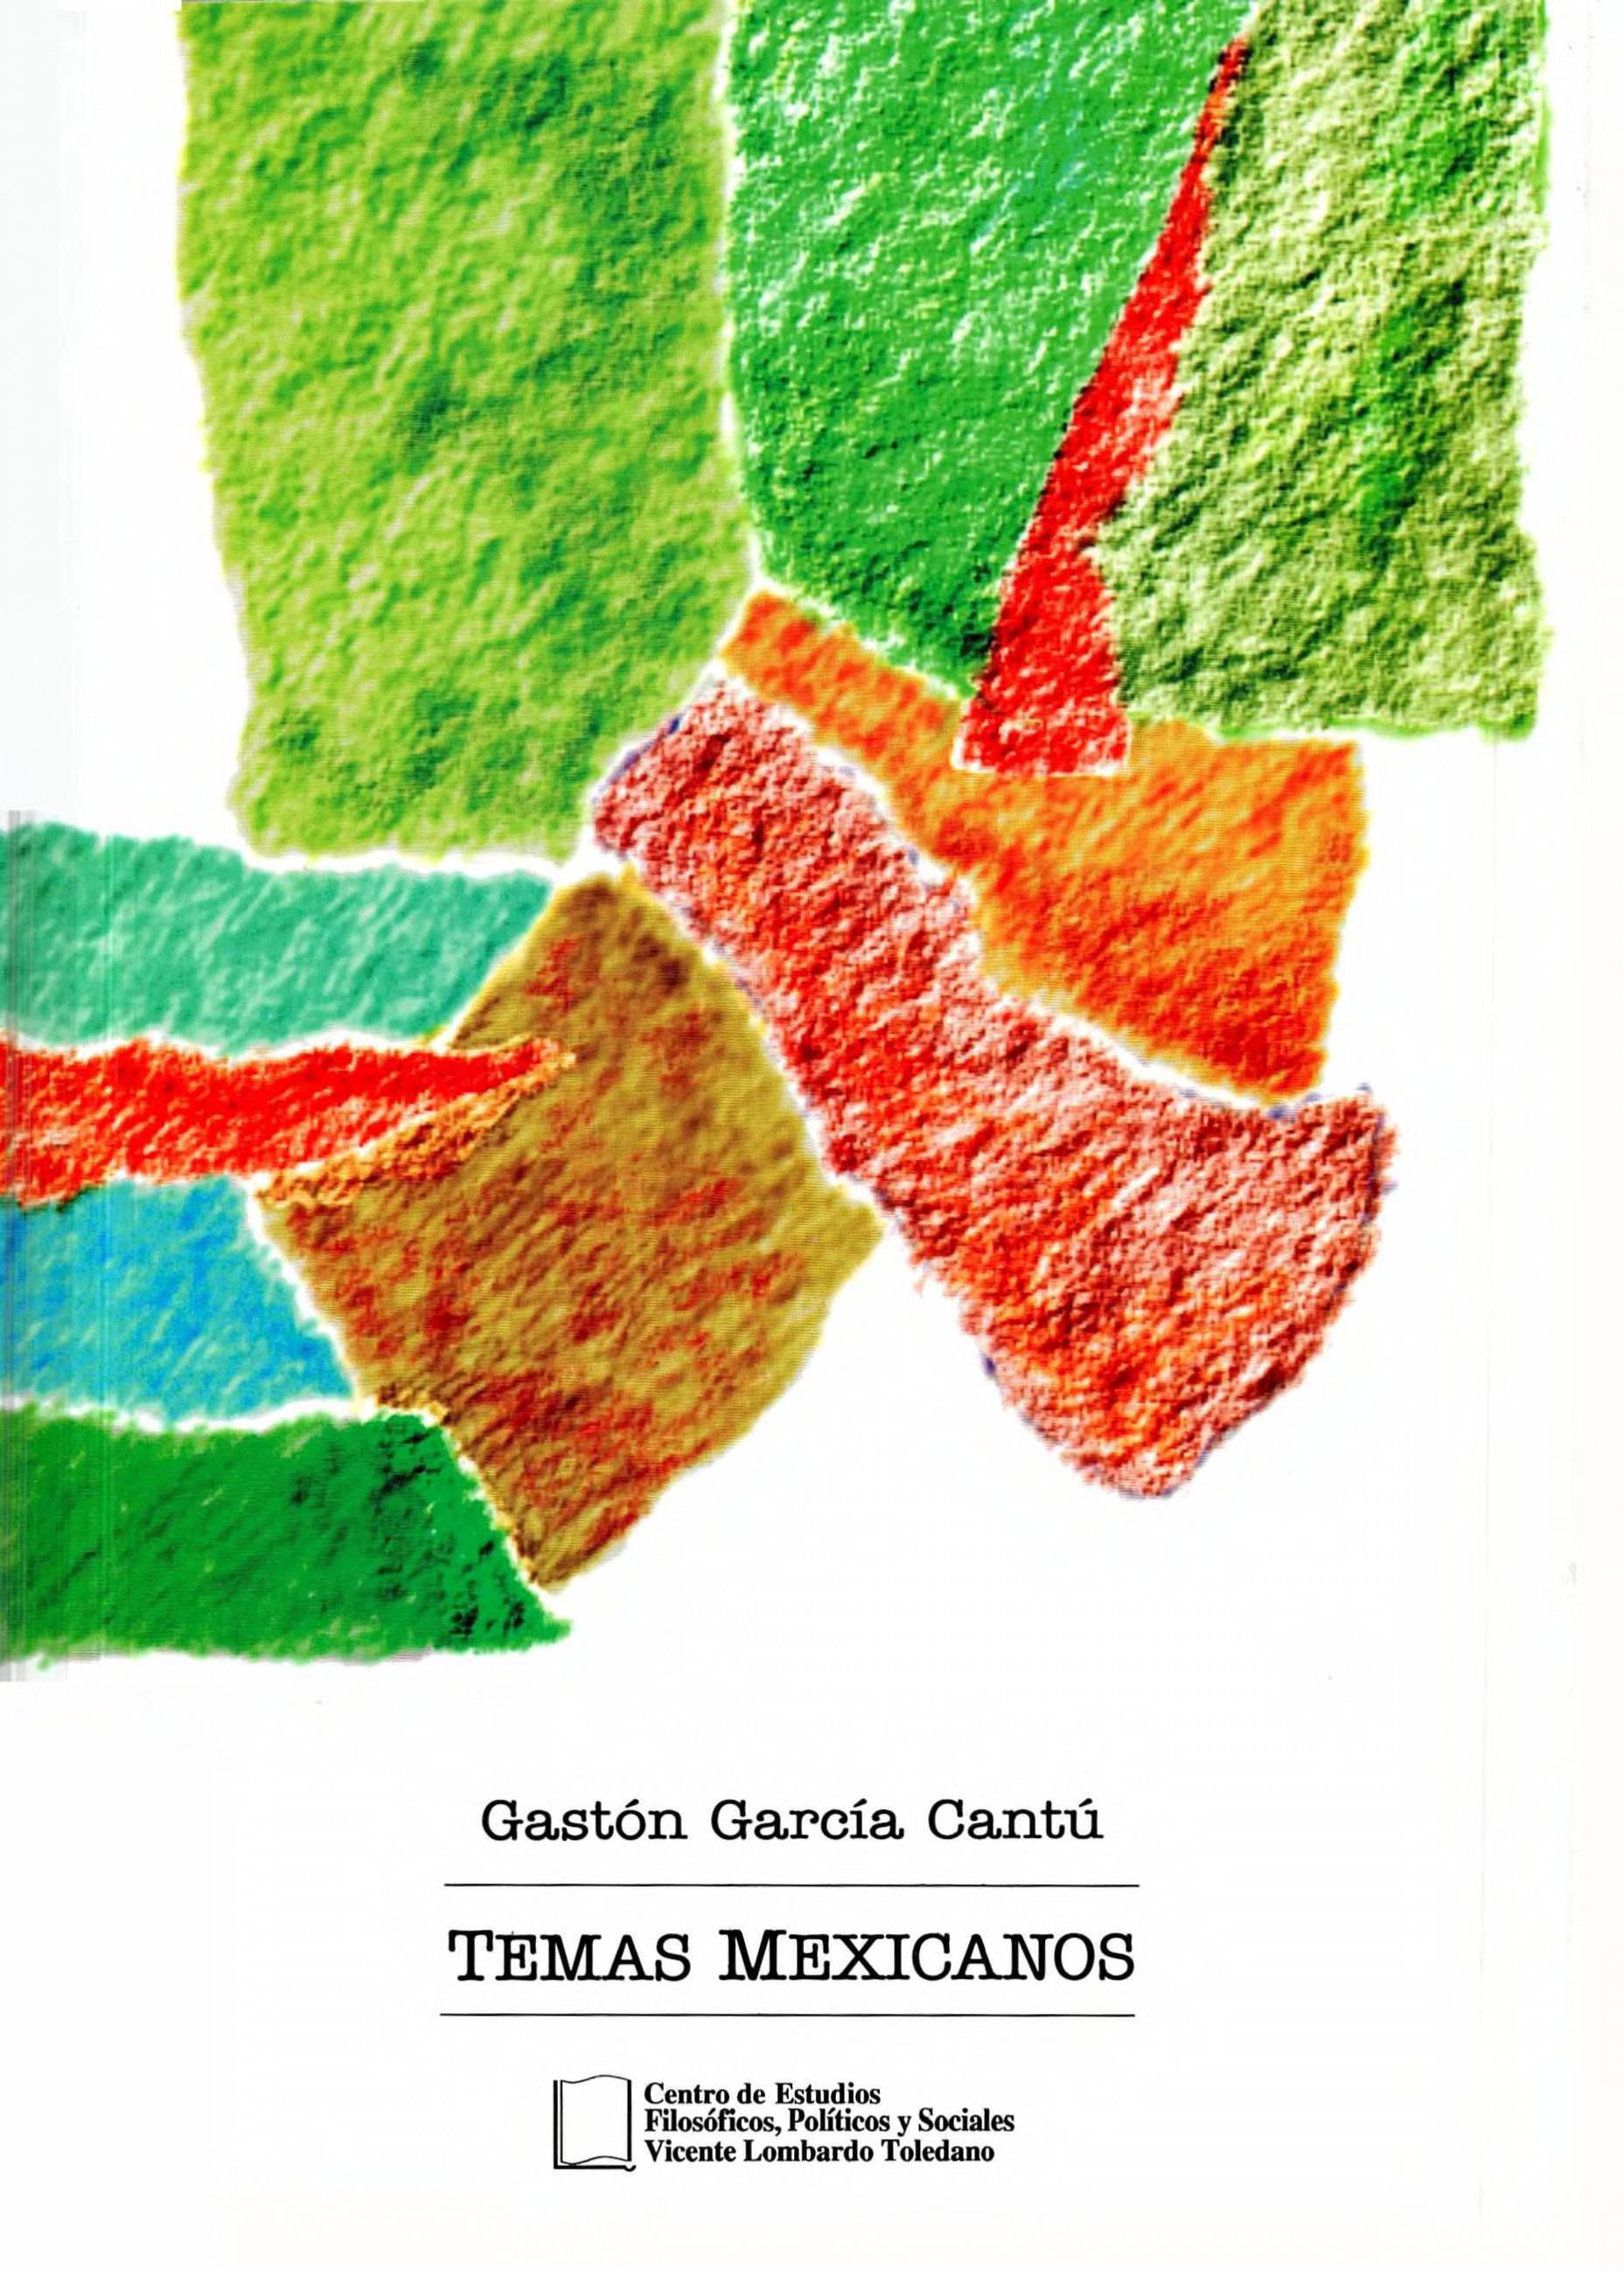 Portada del libro: TEMAS MEXICANOS